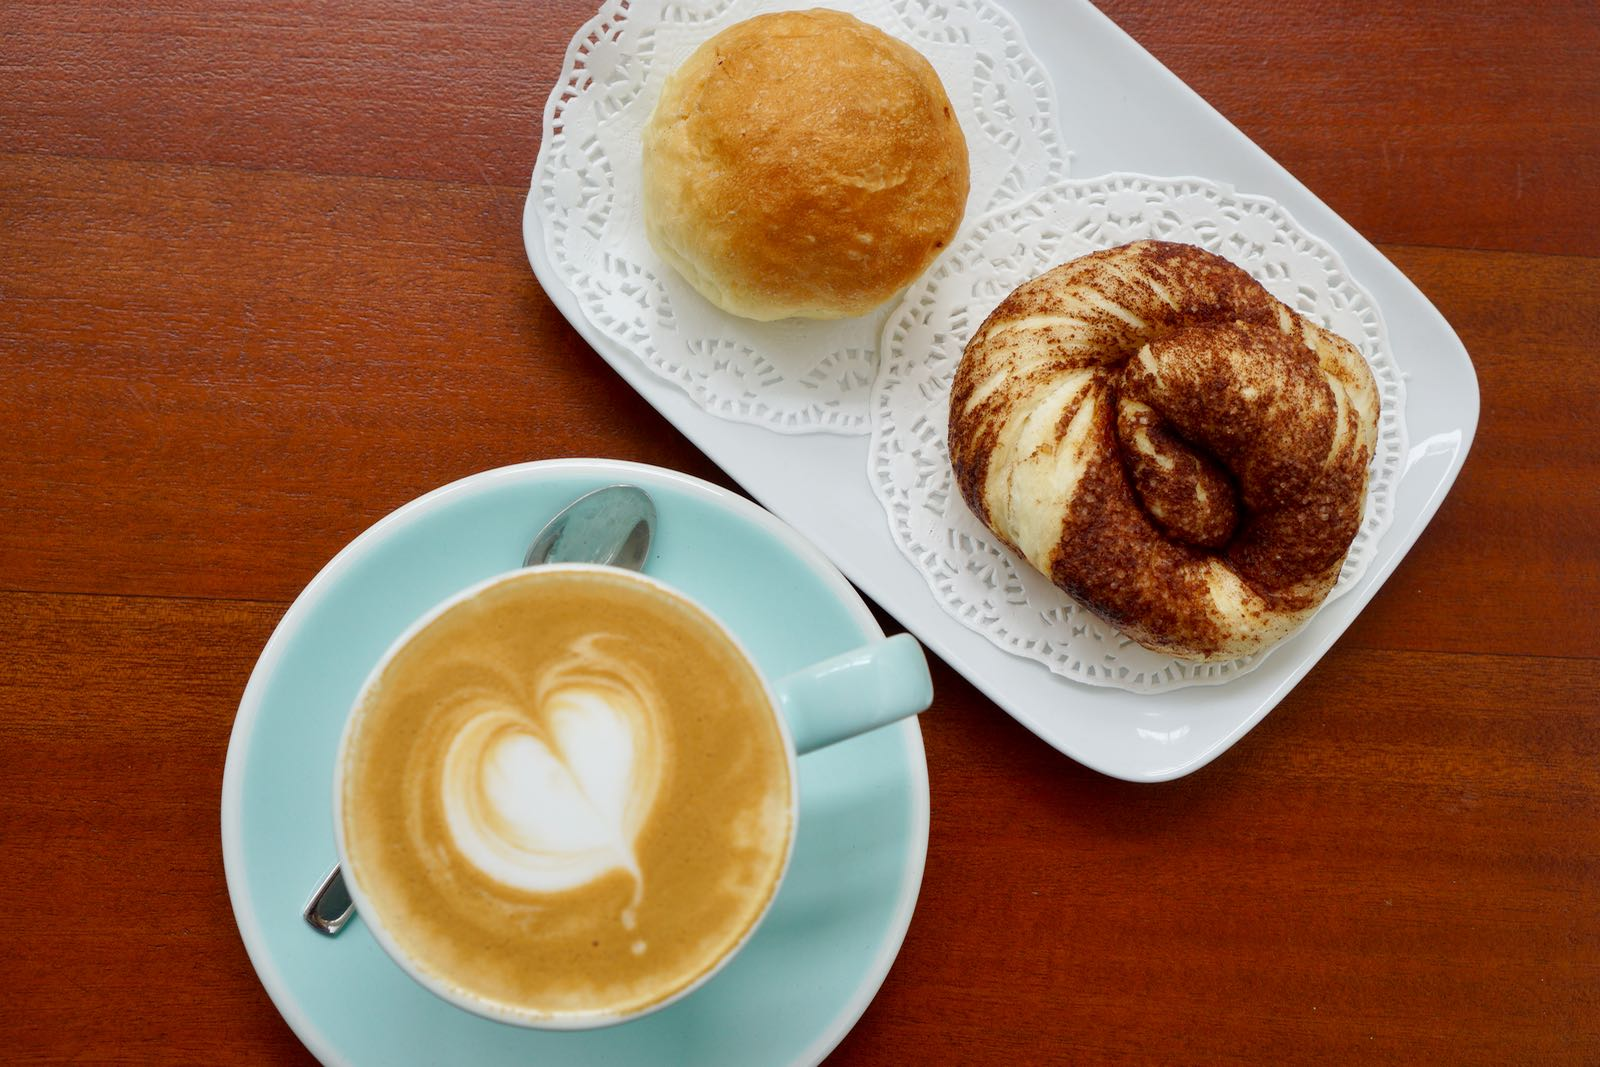 Cappuccino & cinnamon twist